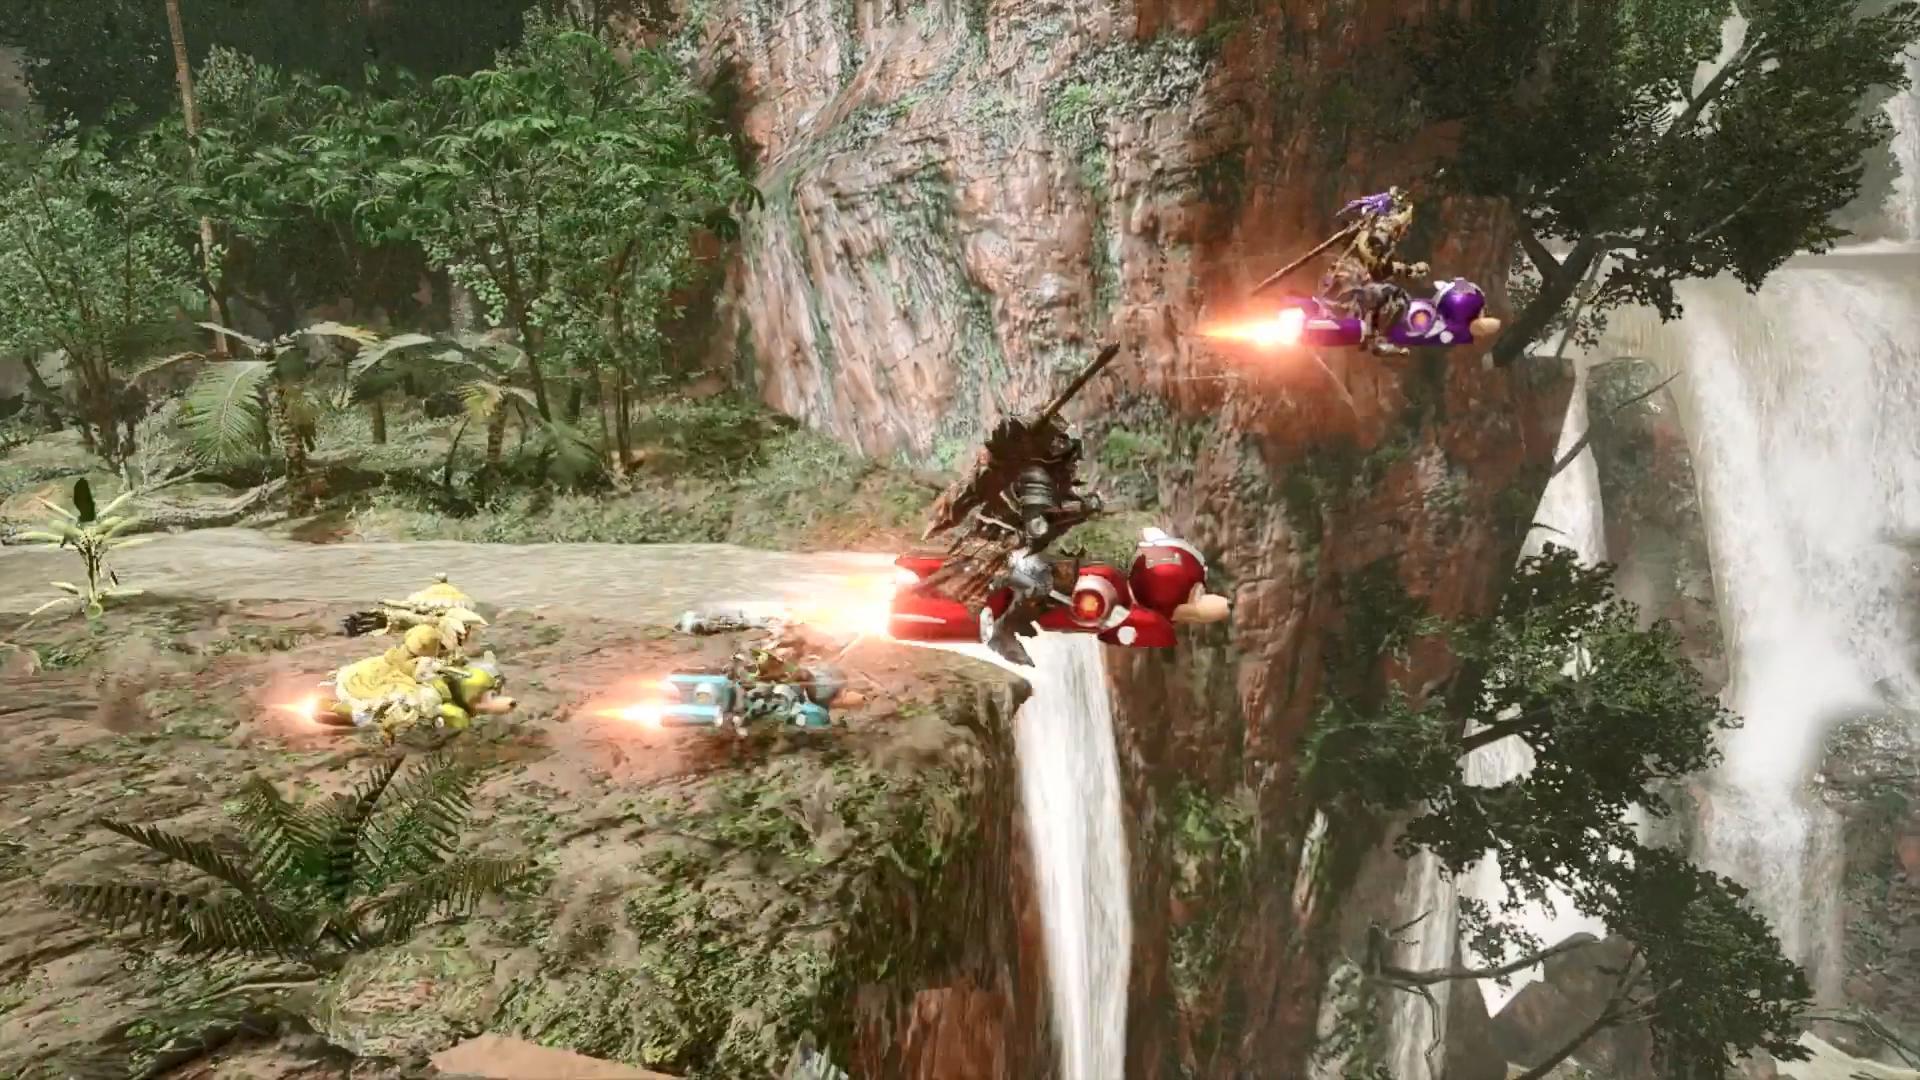 """《怪物猎人:崛起》卡普空联动第4弹公布 洛克人""""莱西""""牙猎犬外观"""